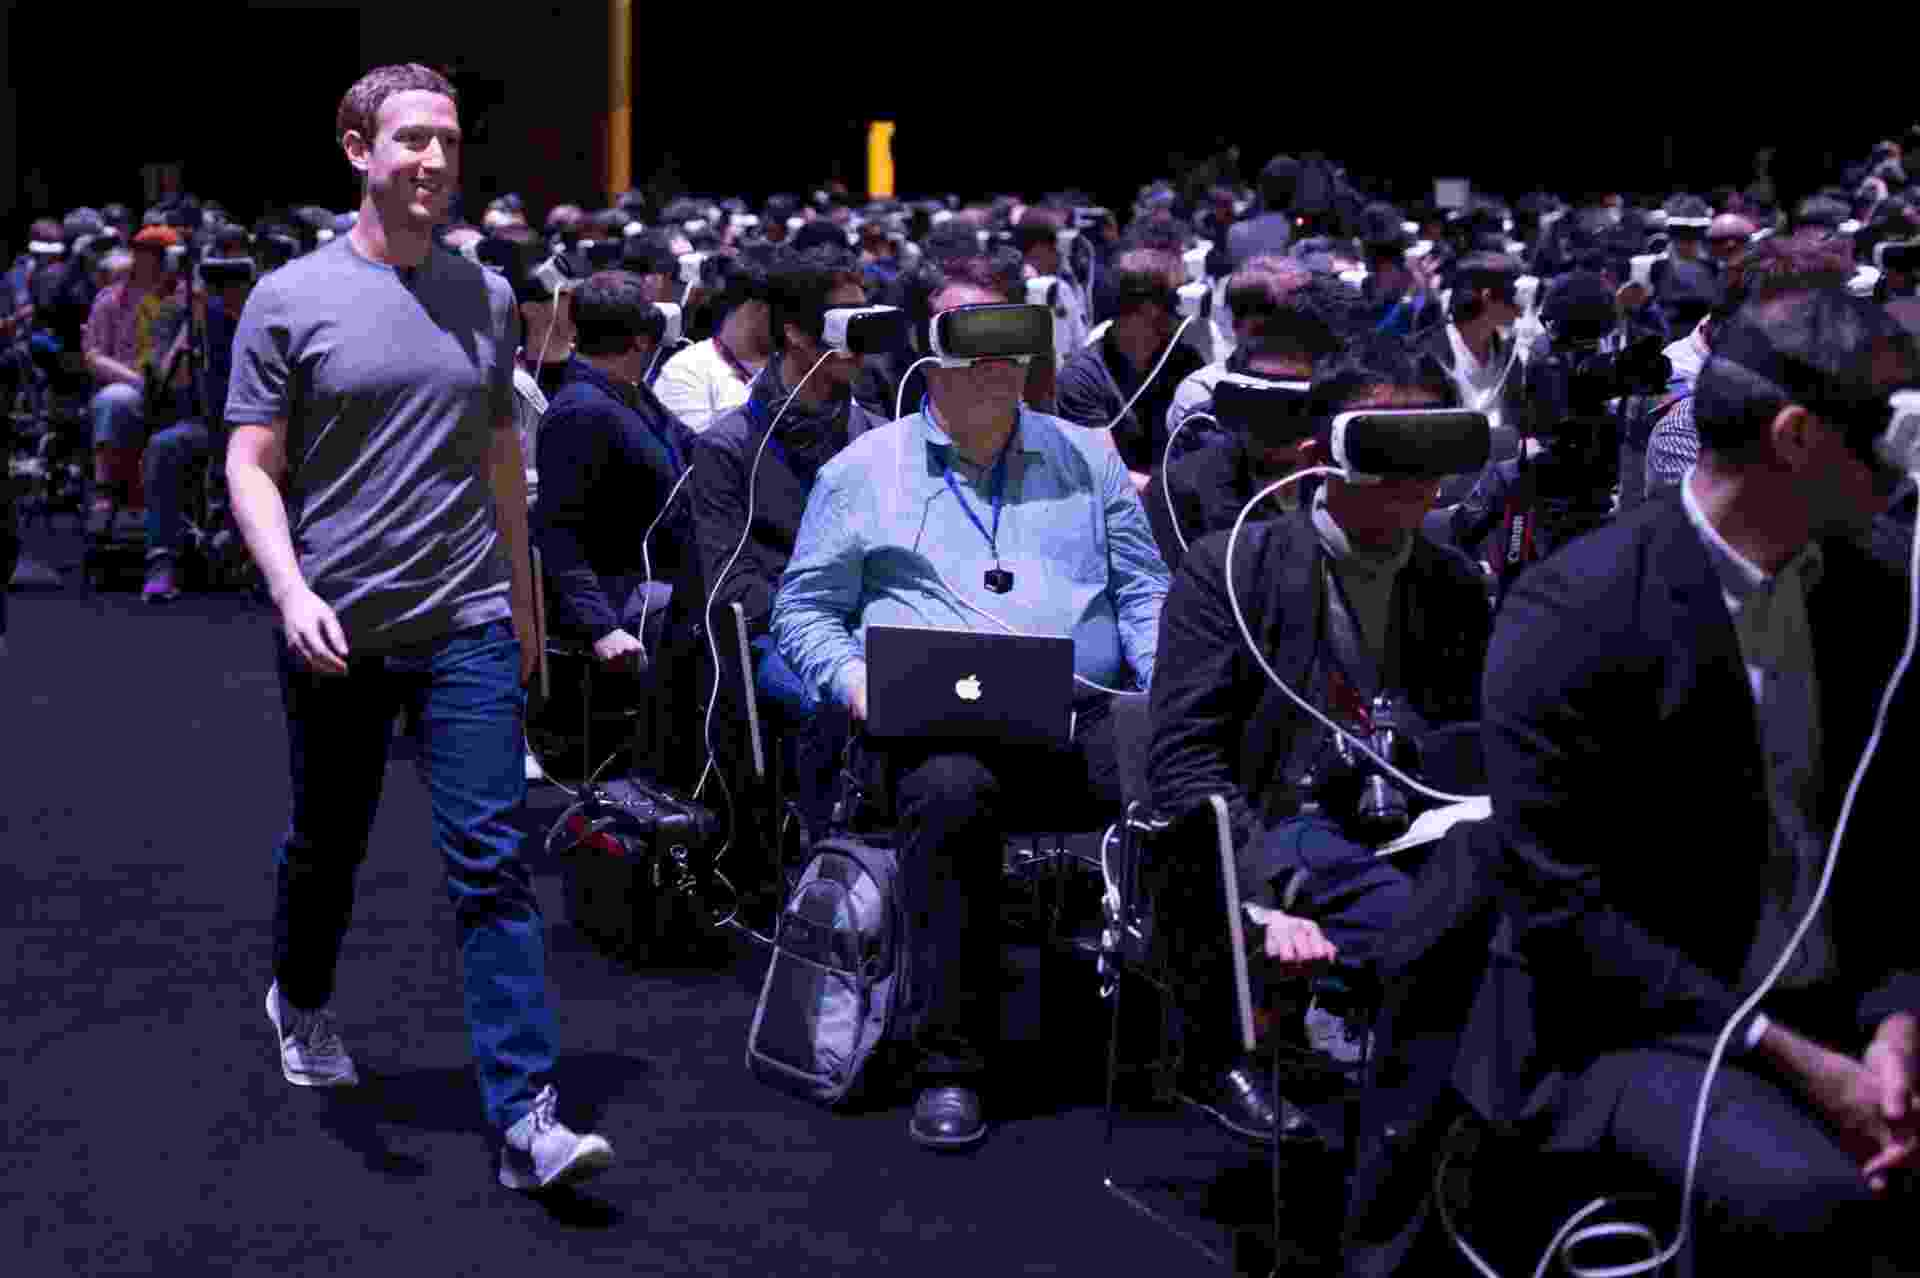 """21.fev.2016 - O criador do Facebook, Mark Zuckerberg, caminha diante de pessoas utilizando o óculos de realidade virtual Gear VR , da Samsung, no Mobile World Congress, em Barcelona, neste domingo. O norte-americano apareceu de surpresa para falar do futuro da realidade virtual, dizendo que essa será a plataforma """"mais social de todas"""". O Gear VR foi construído sobre a plataforma Oculus, adquirida pelo Facebook em 2014 - Divulgação/Facebook"""